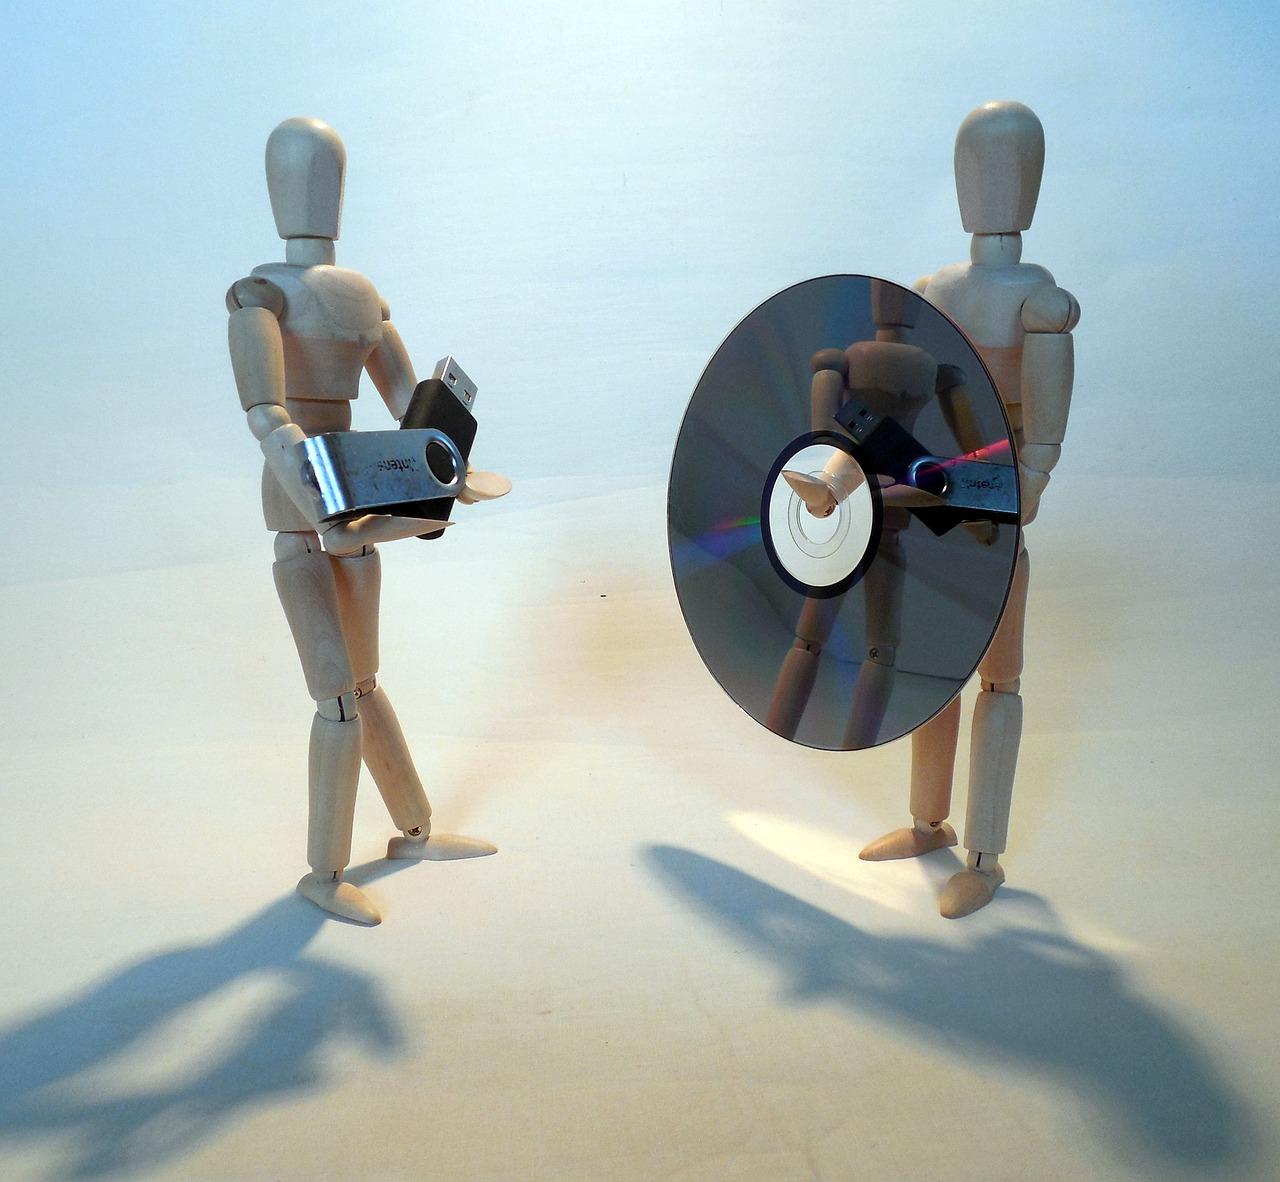 Datensicherung auf CD/DVD-Rohlingen oder Sticks und Festplatten?